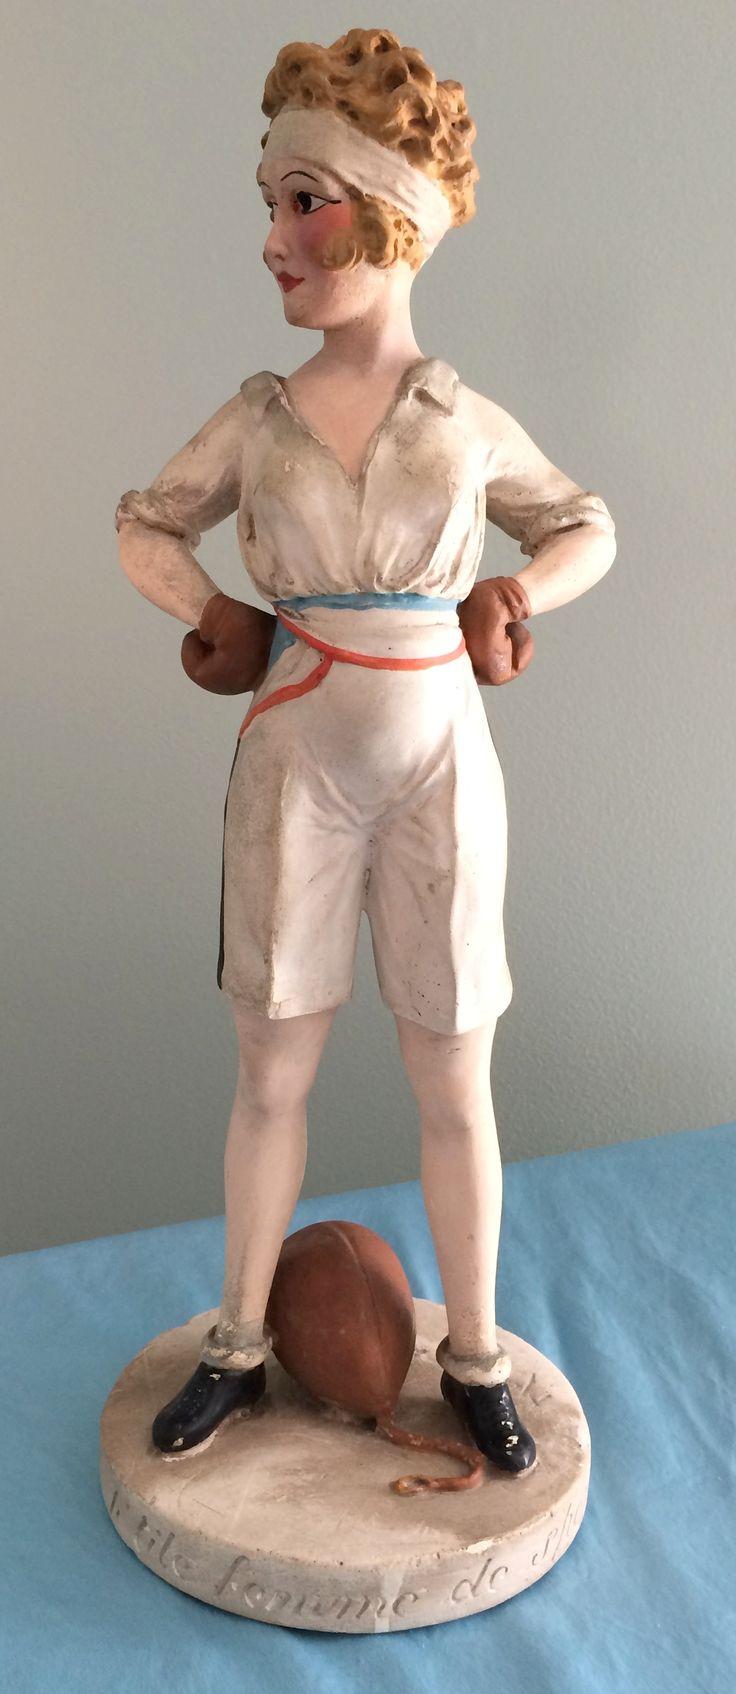 1000 images about chalkware on pinterest carnival prizes vintage - Painted Plaster Statuette Titled La Petite Femme De Sport Boxeuse